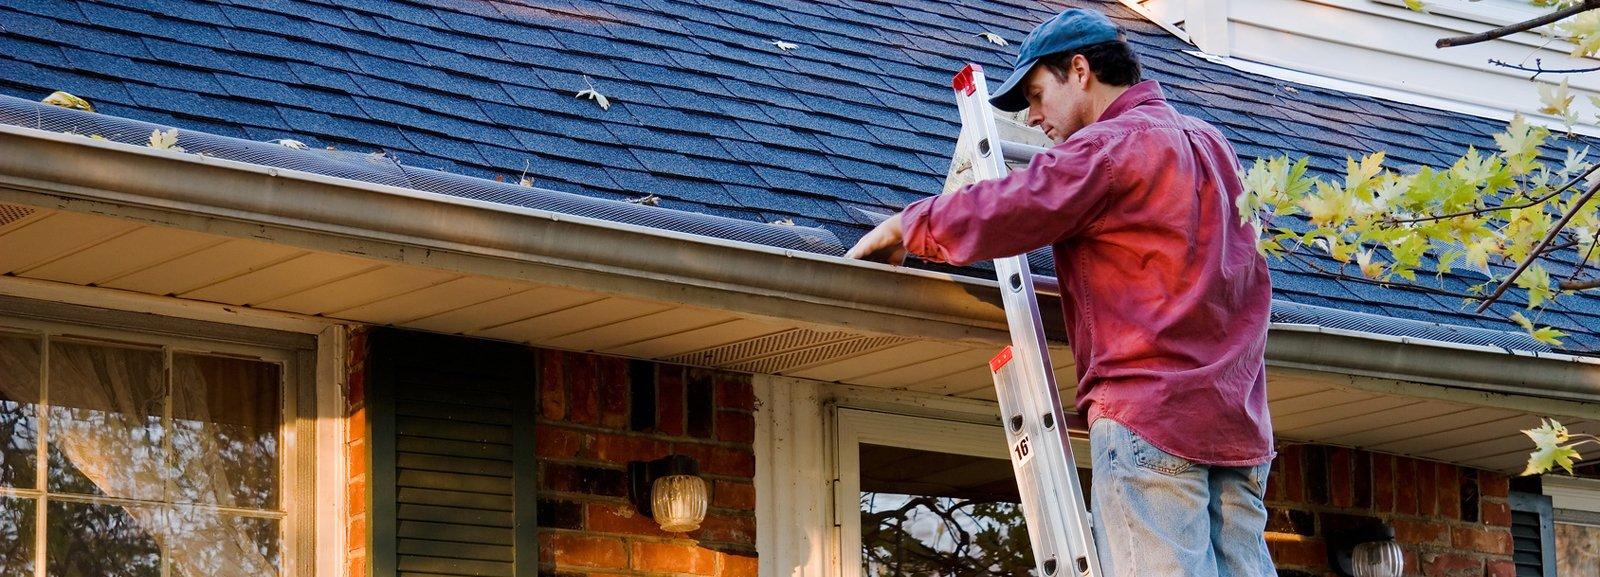 Come pulire la grondaia in sicurezza cose di casa - Lavori in casa fai da te ...